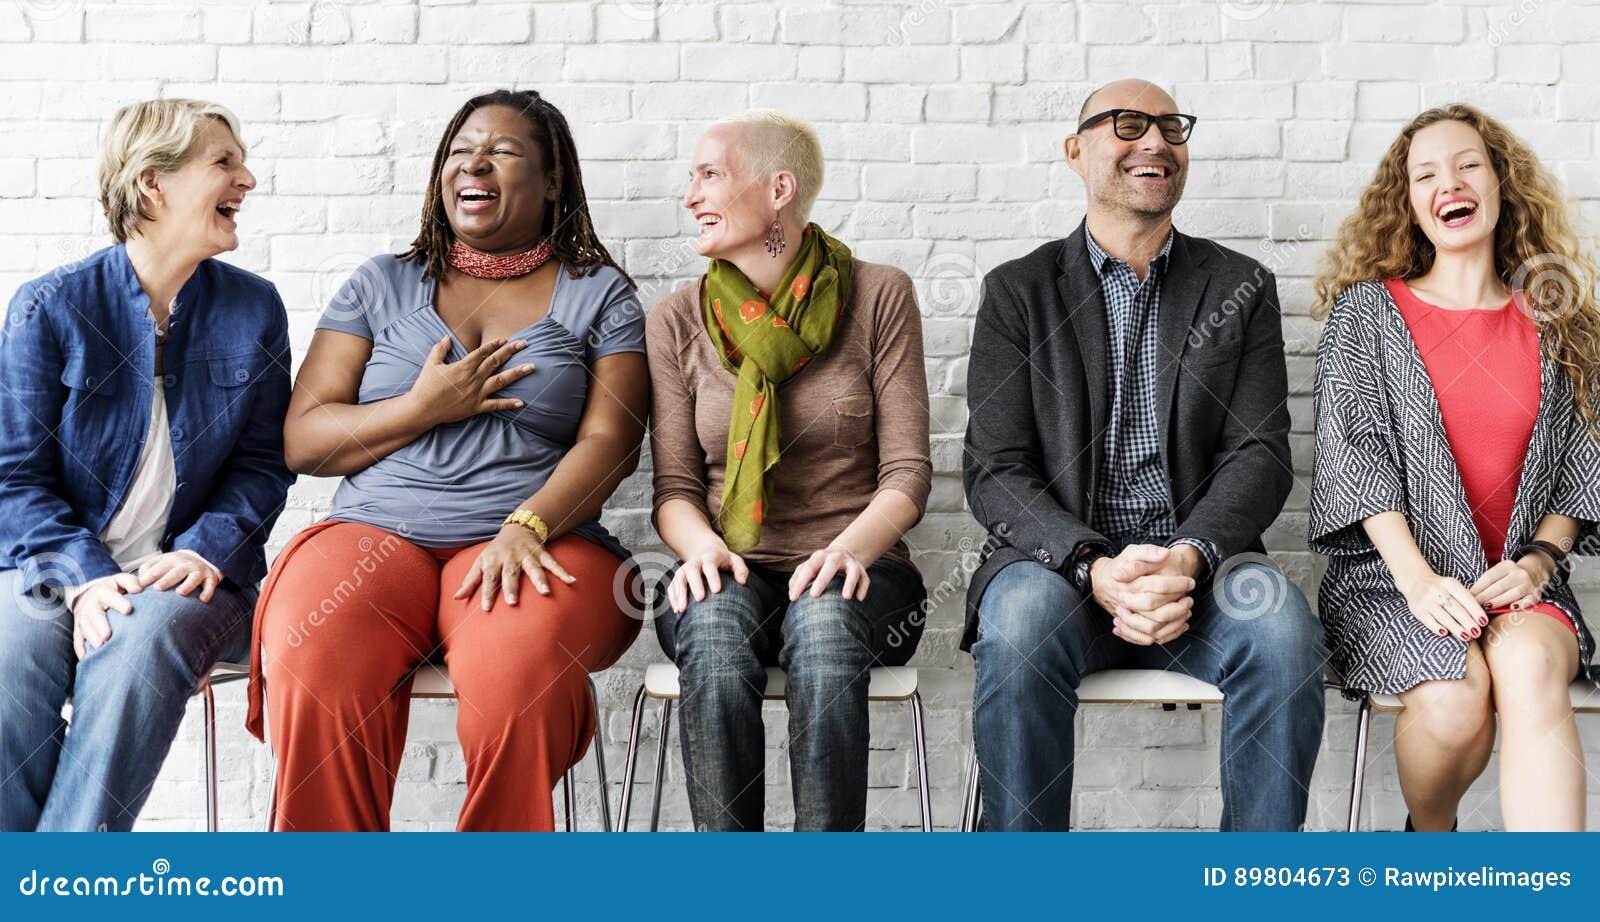 Divers de Zittingsconcept van de Groeps Mensen Communautair Samenhorigheid